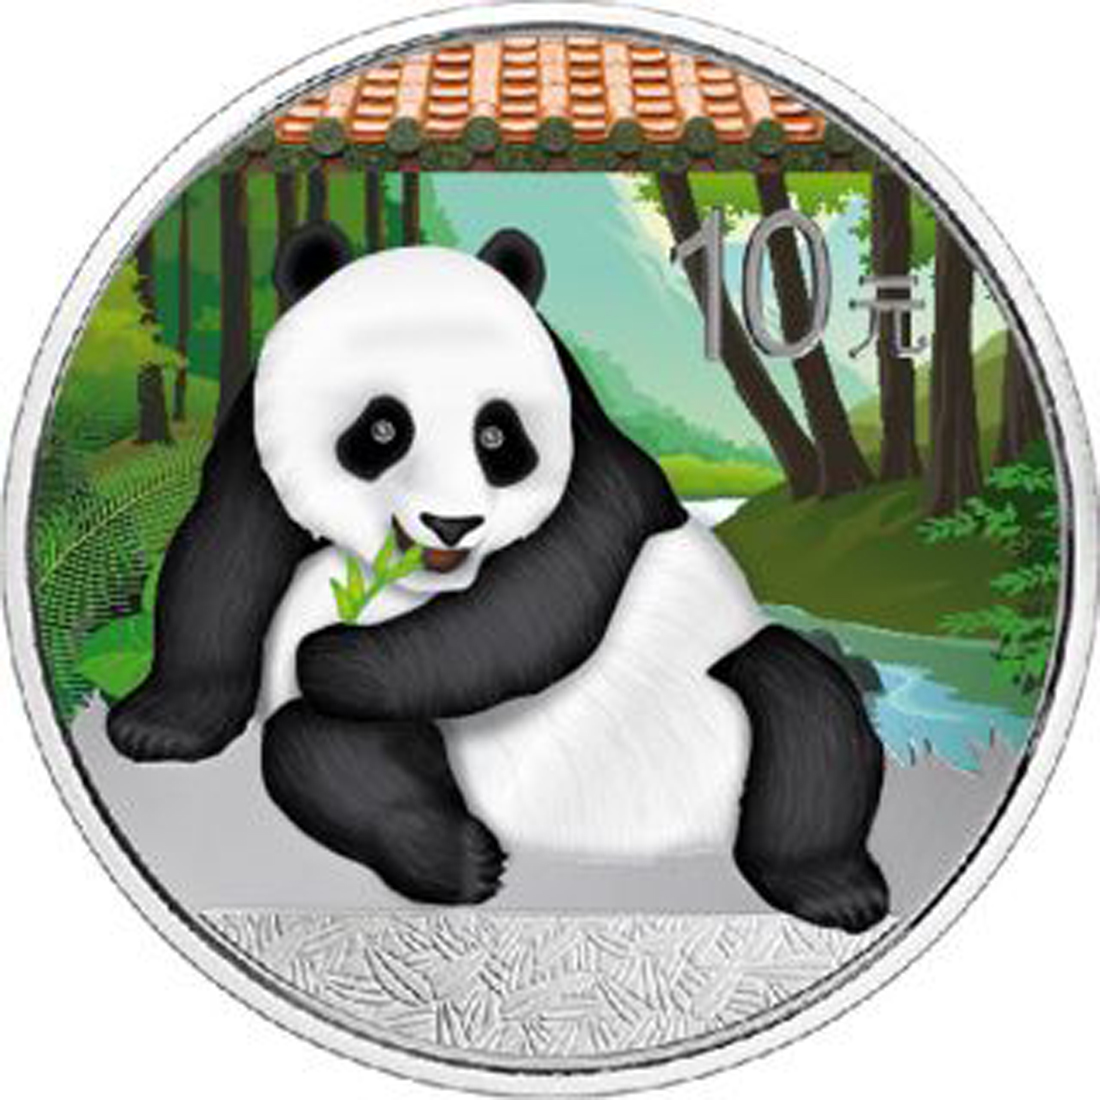 Lieferumfang:China : 10 Yuan Silberpanda farbig - Variante 1 - rotes Dach  2015 Stgl.